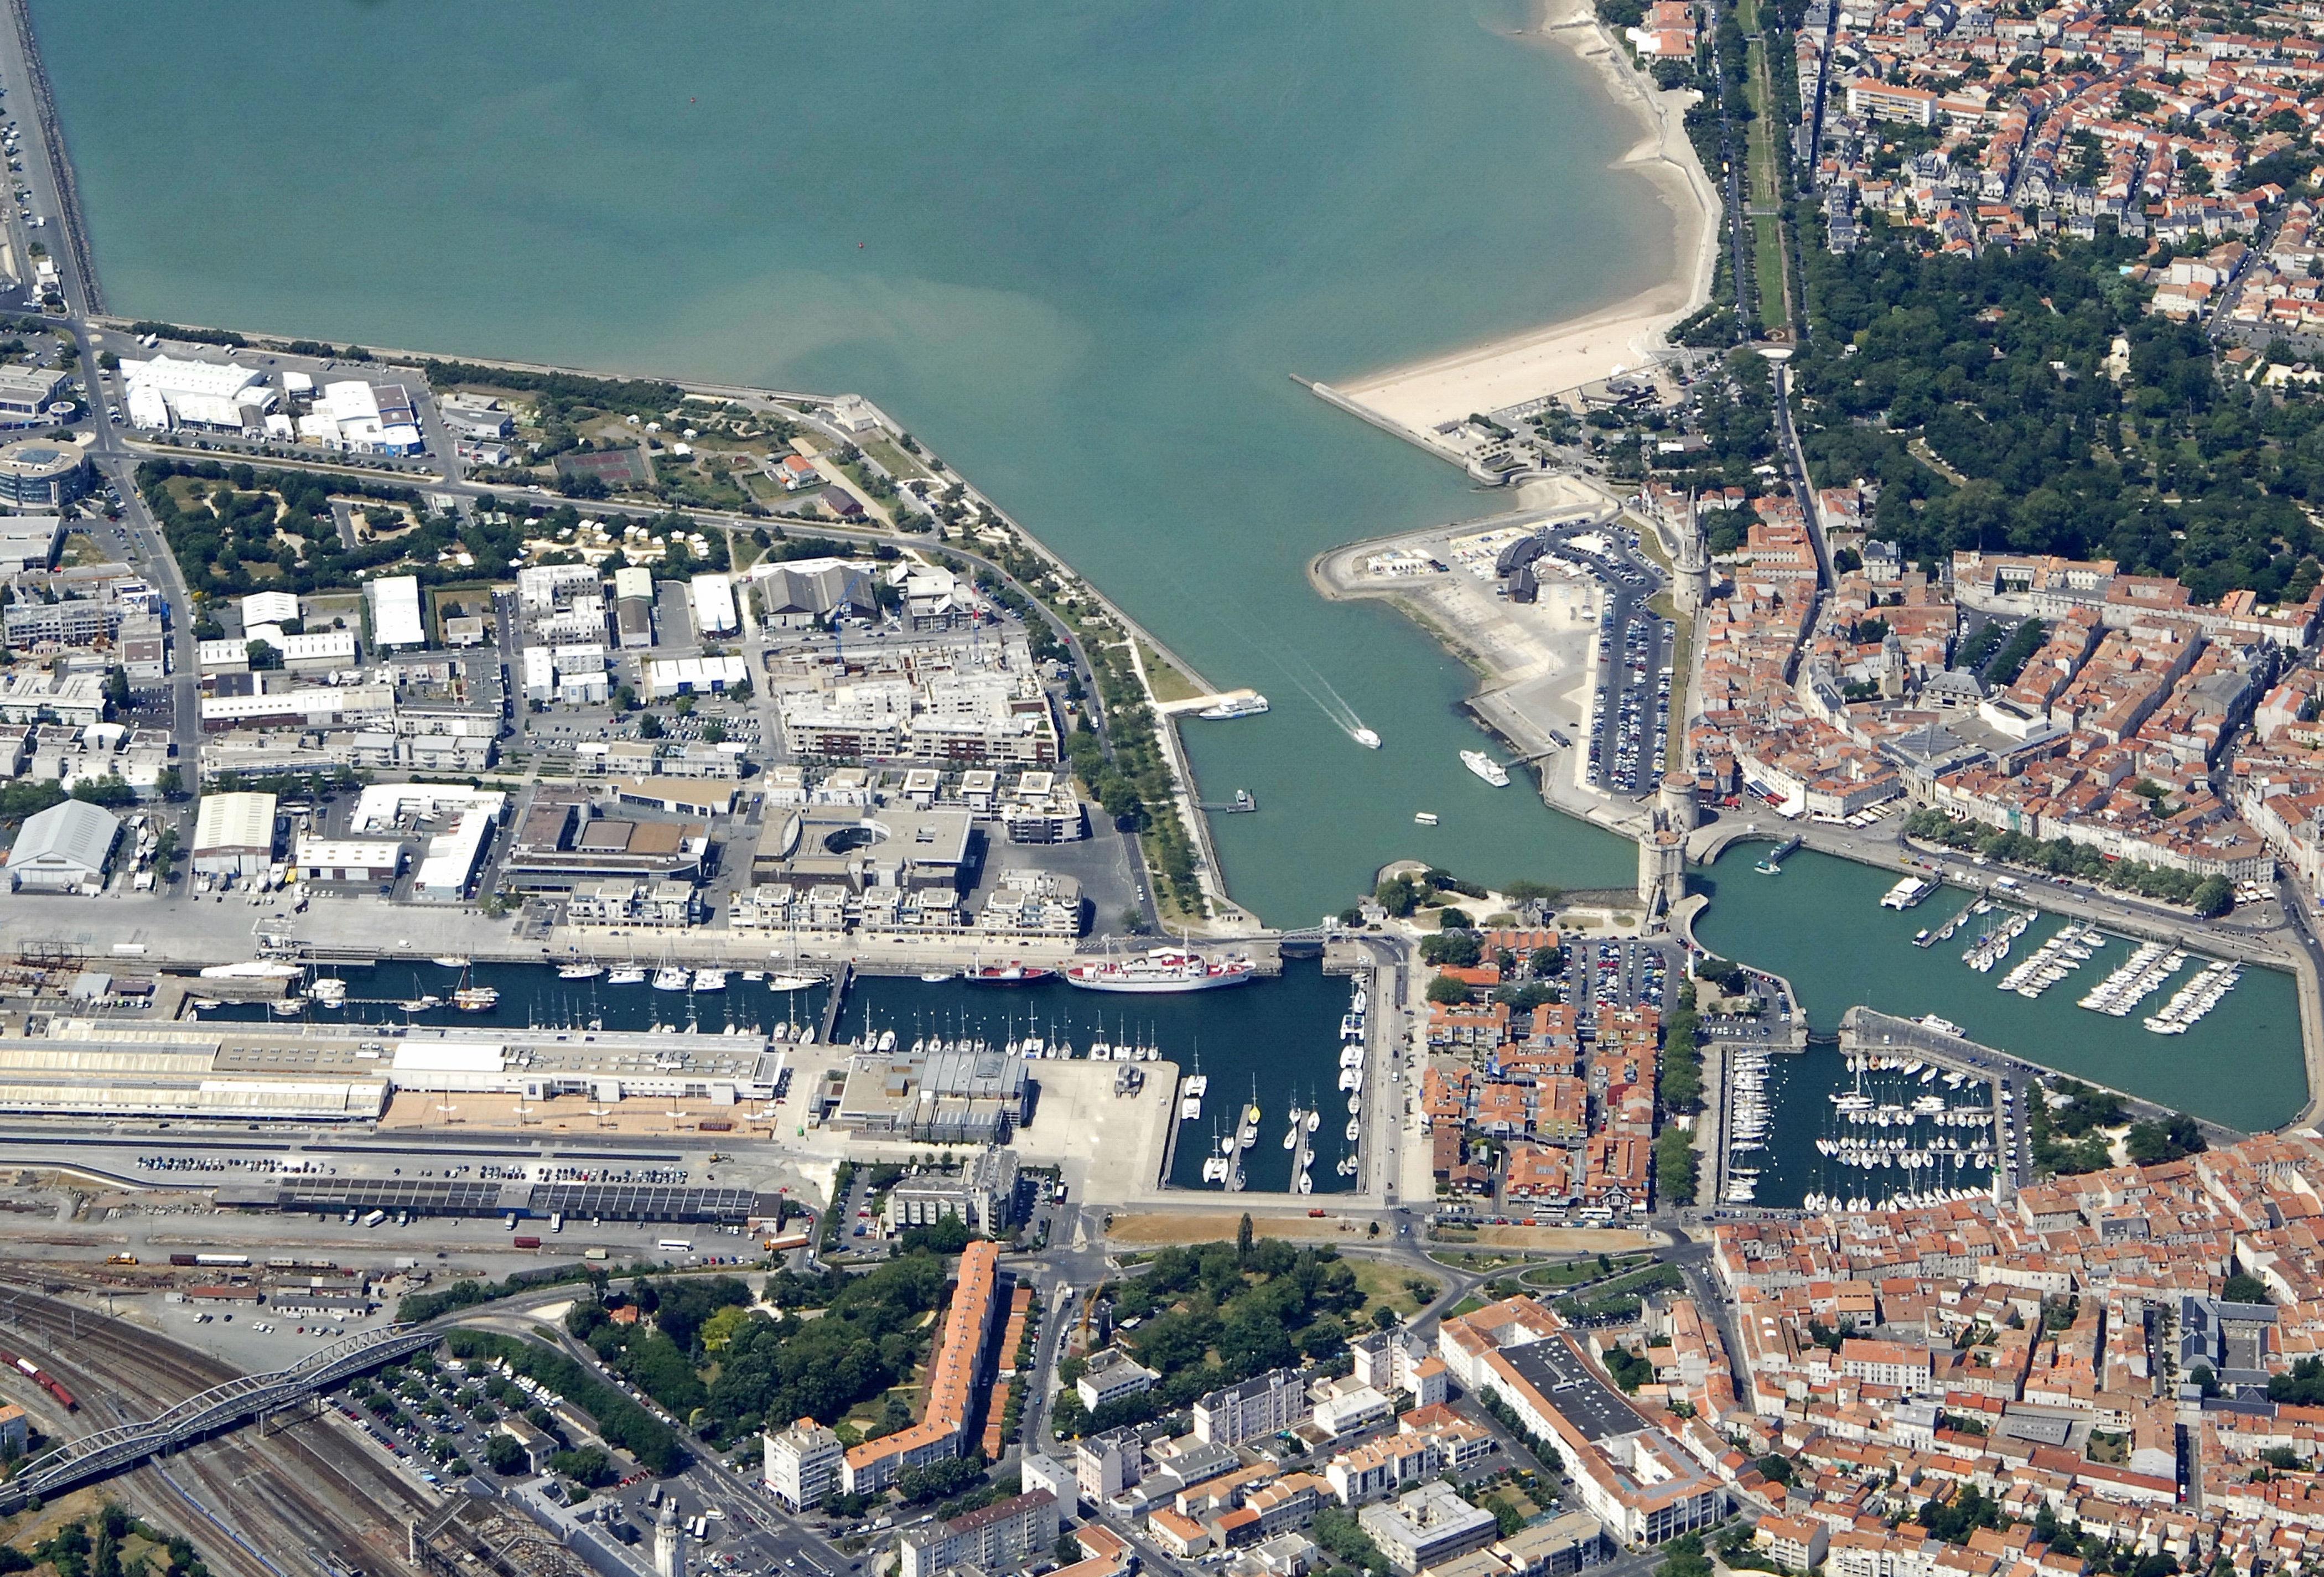 Capitainerie port de plaisance la rochelle in la rochelle poitou charentes france marina - Port de cannes capitainerie ...